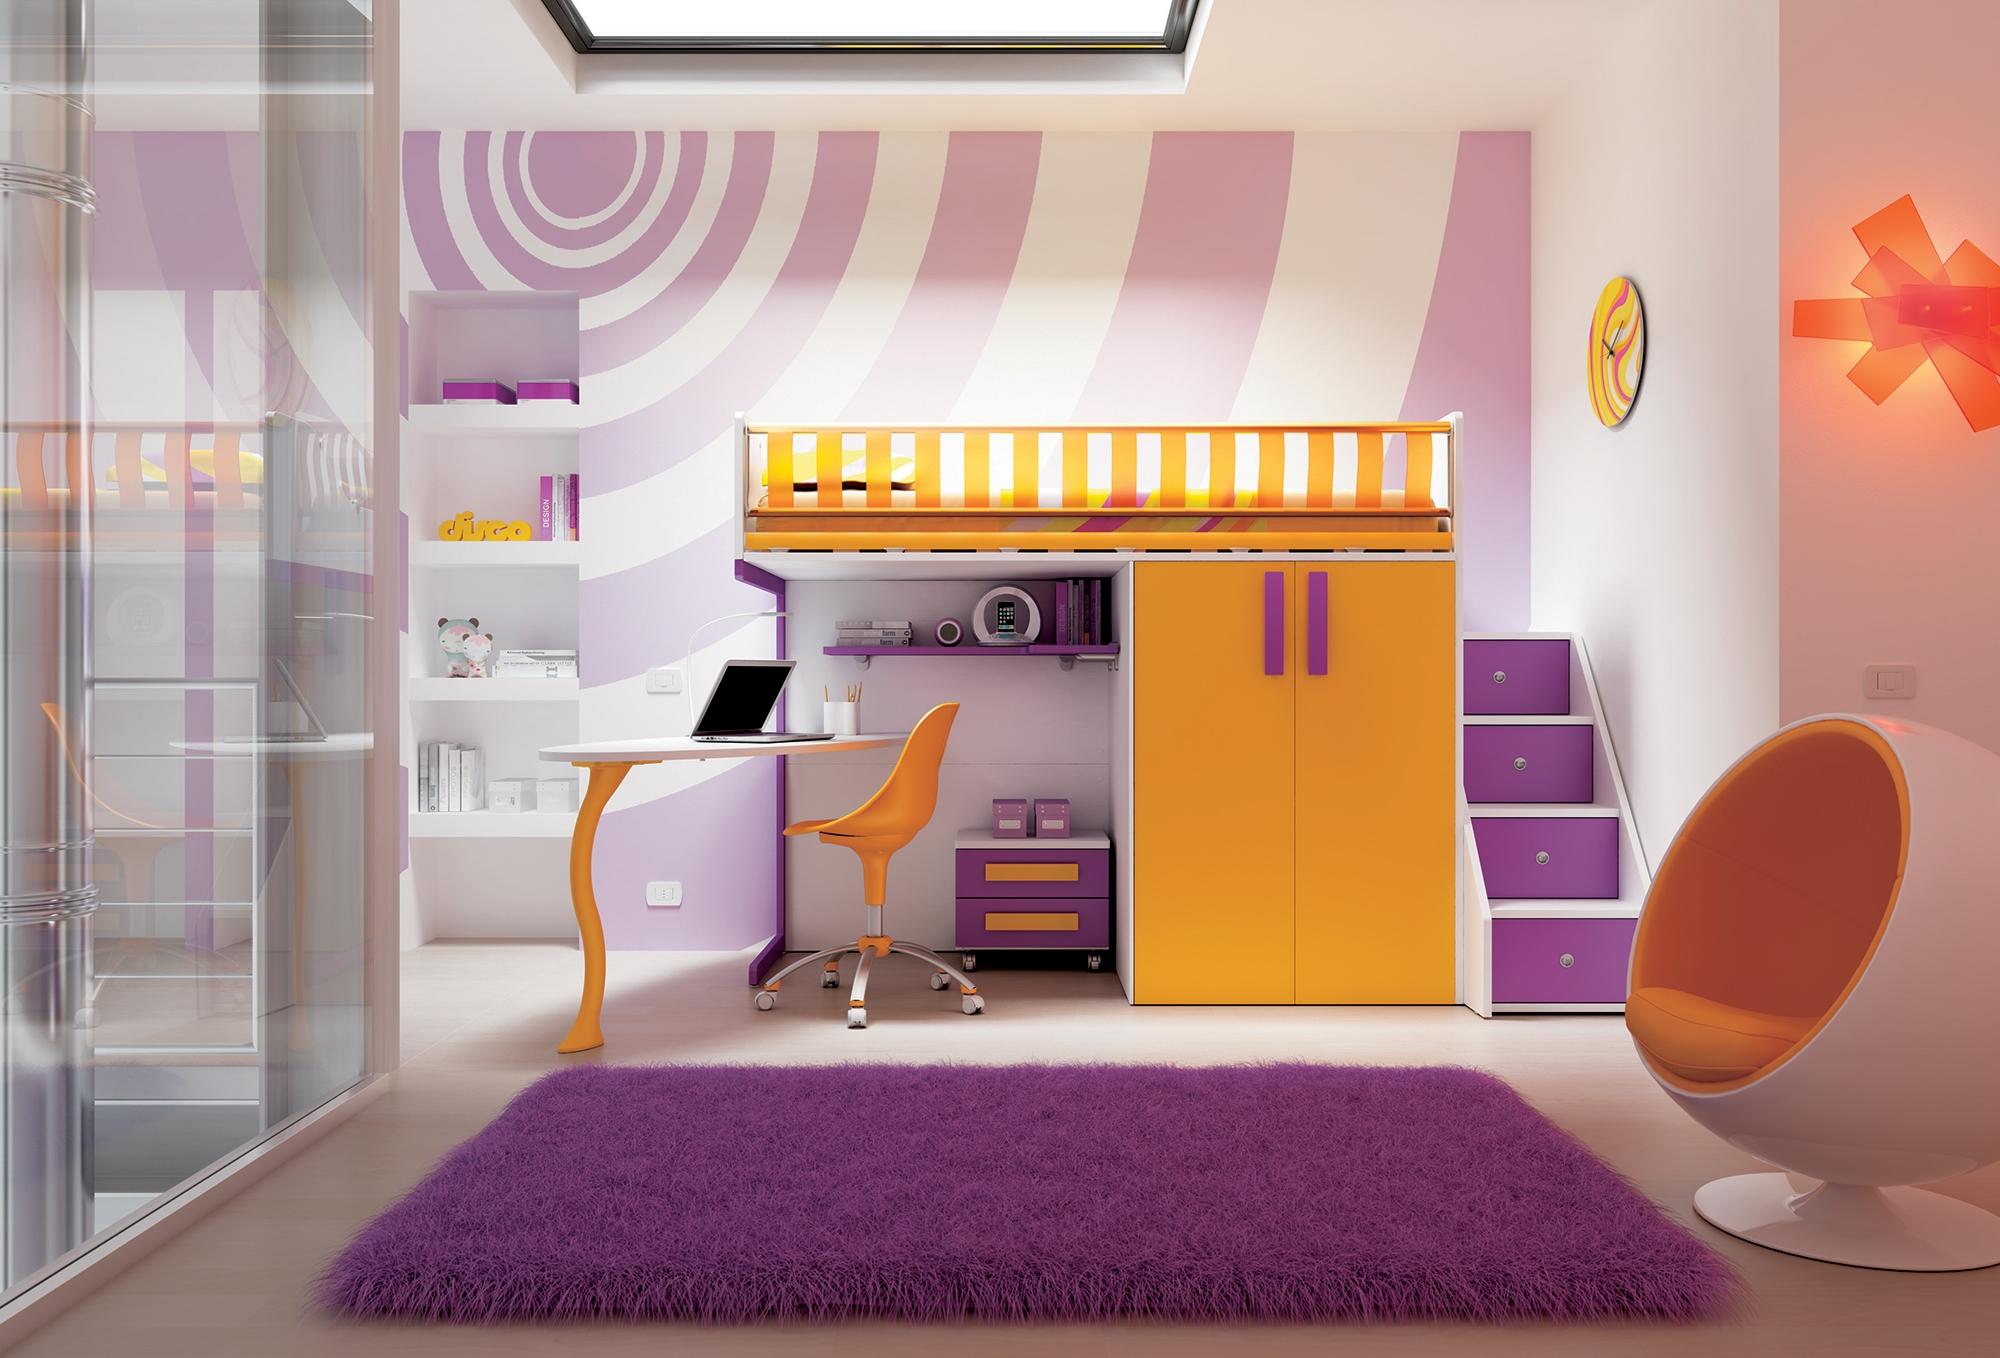 Chambre enfant avec lit mezzanine design moretti compact so nuit - Lit mezzanine enfant design ...